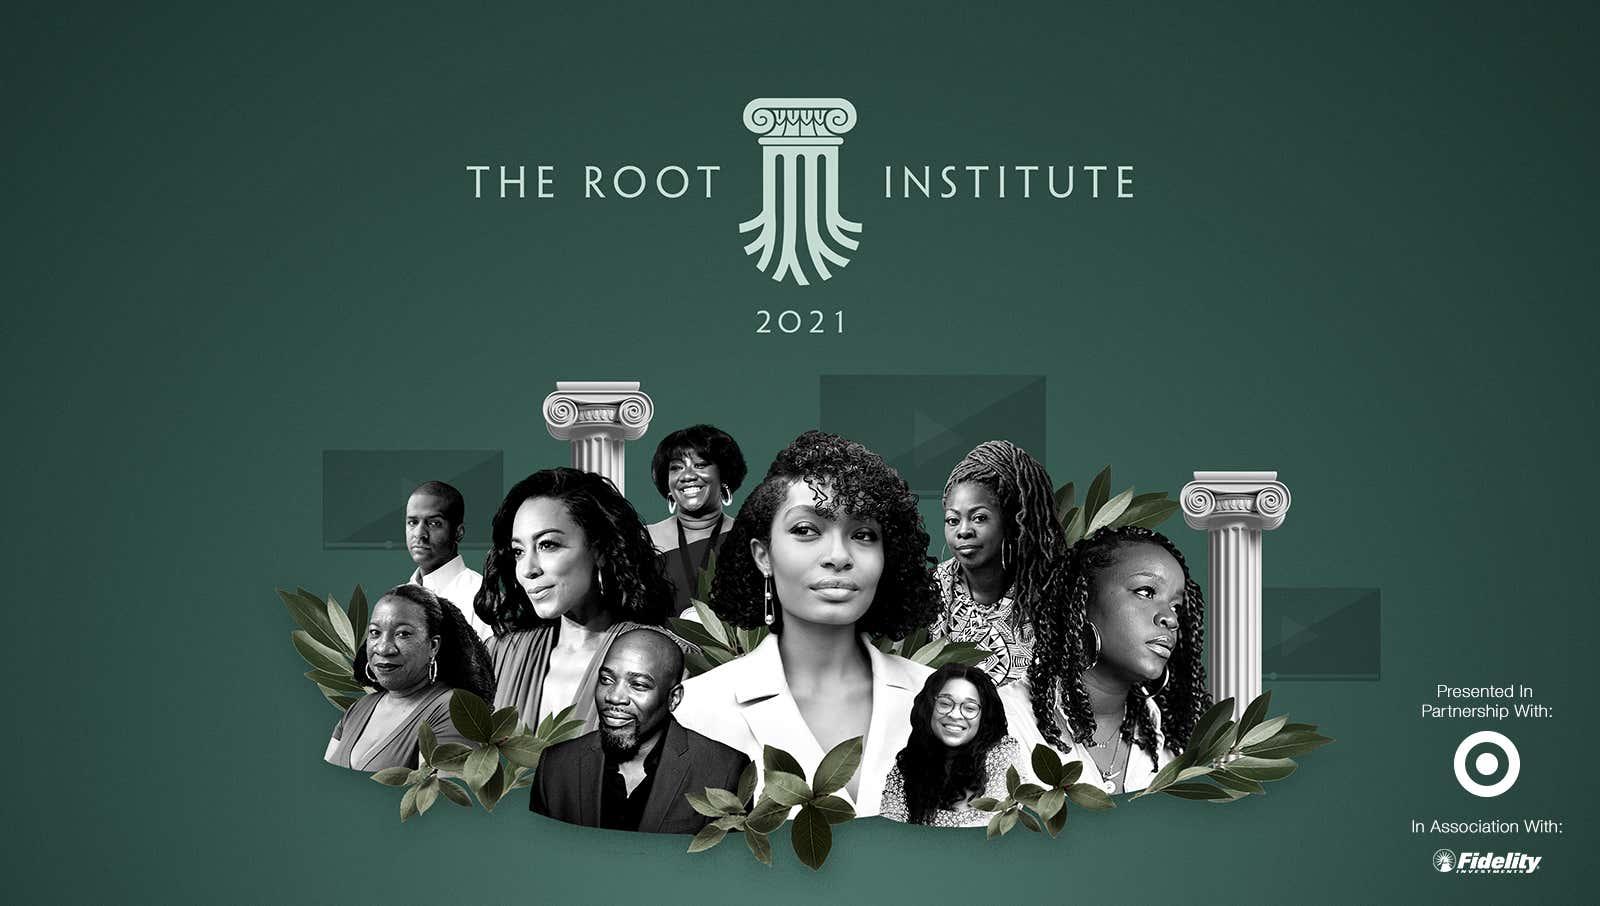 The Root Institute 2021